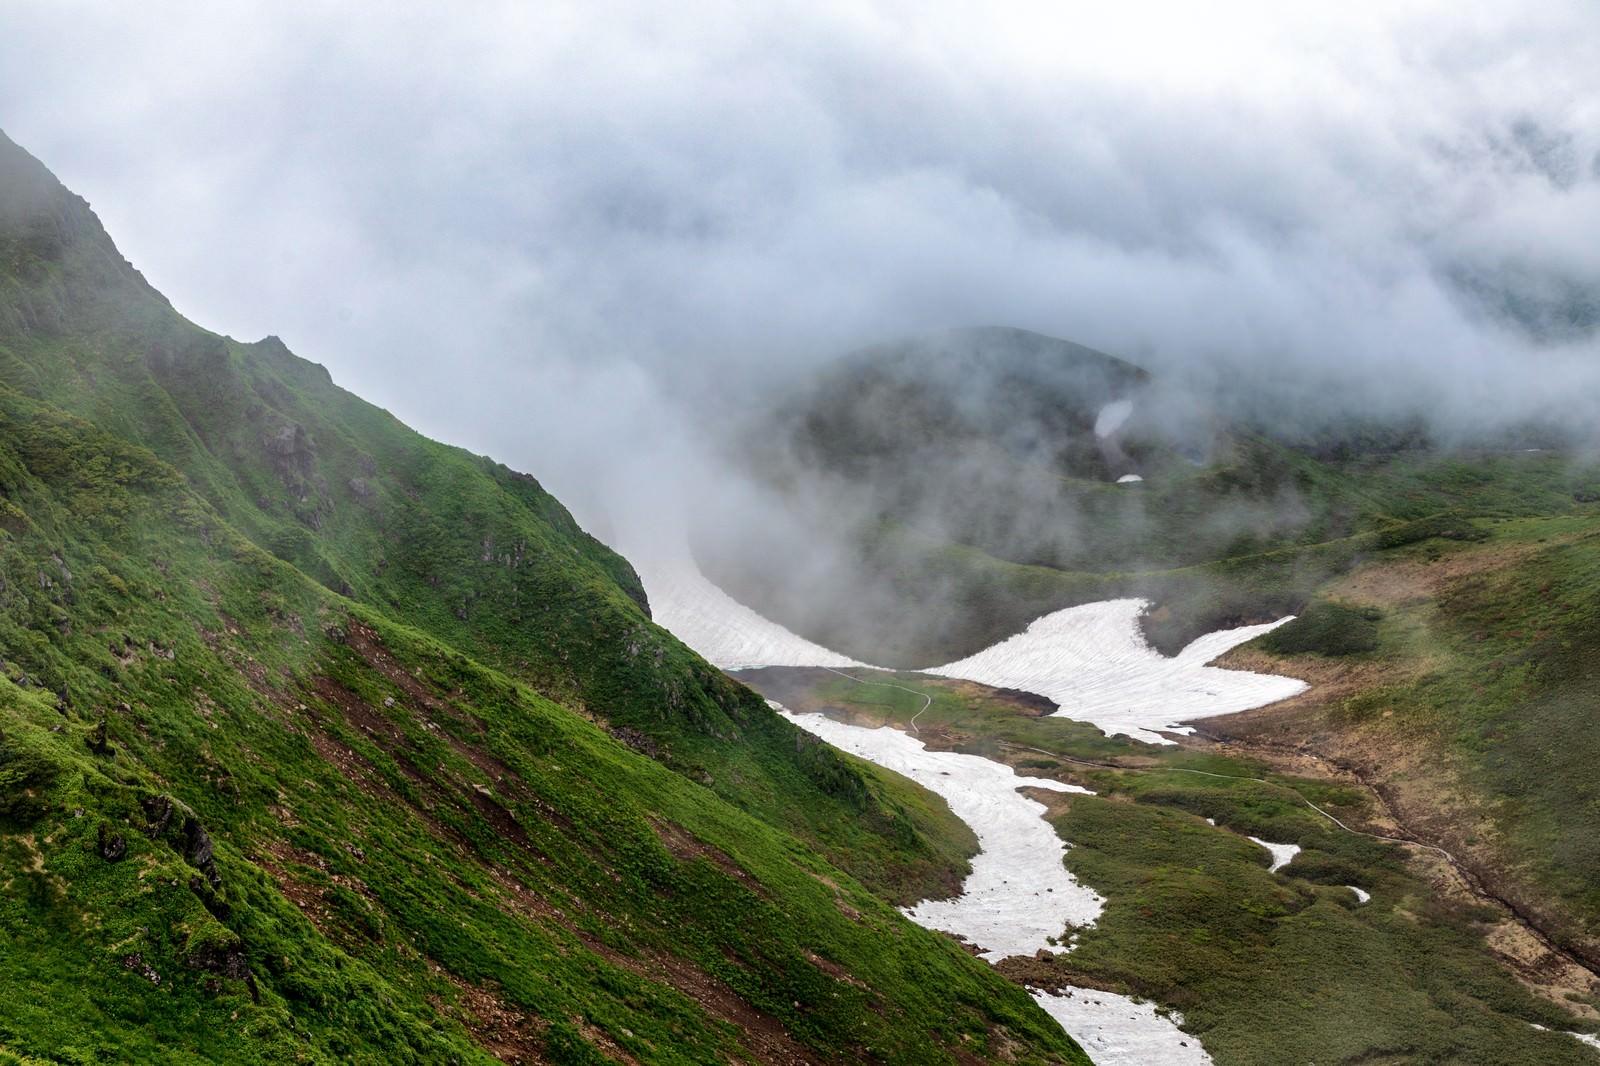 「ムーミン谷に立ち込める霧(秋田駒ヶ岳)」の写真